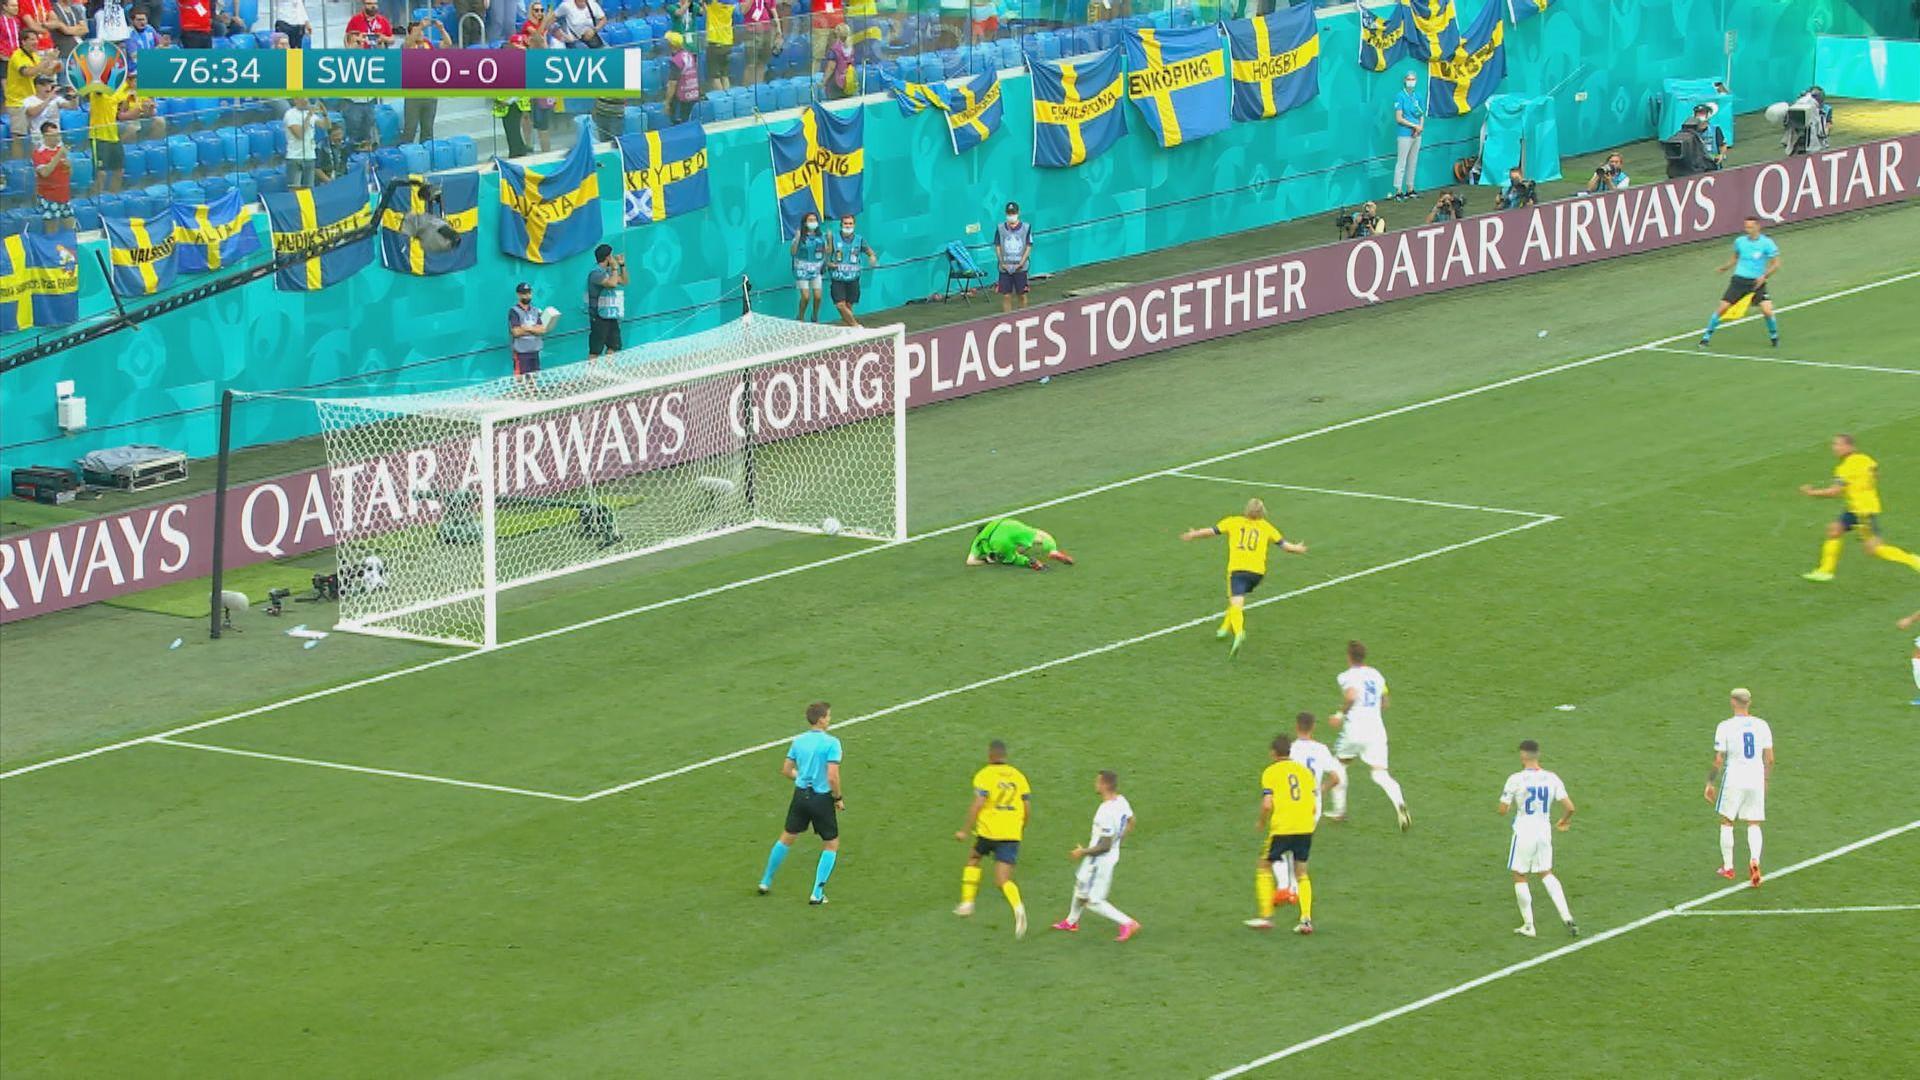 歐國盃 瑞典1:0斯洛伐克